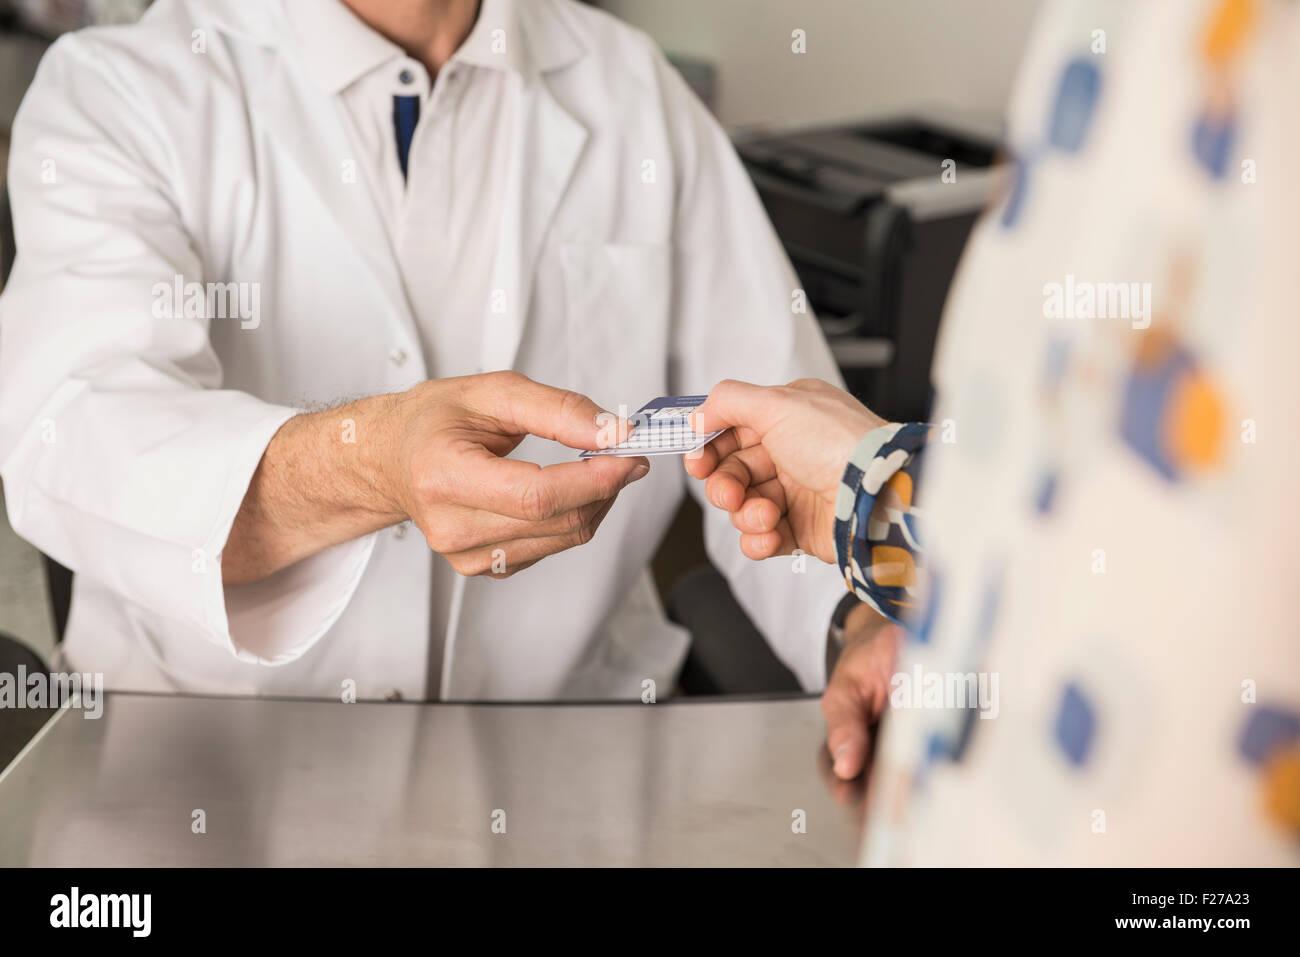 Patient donnant une carte d'assurance maladie de médecin, Munich, Bavière, Allemagne Photo Stock